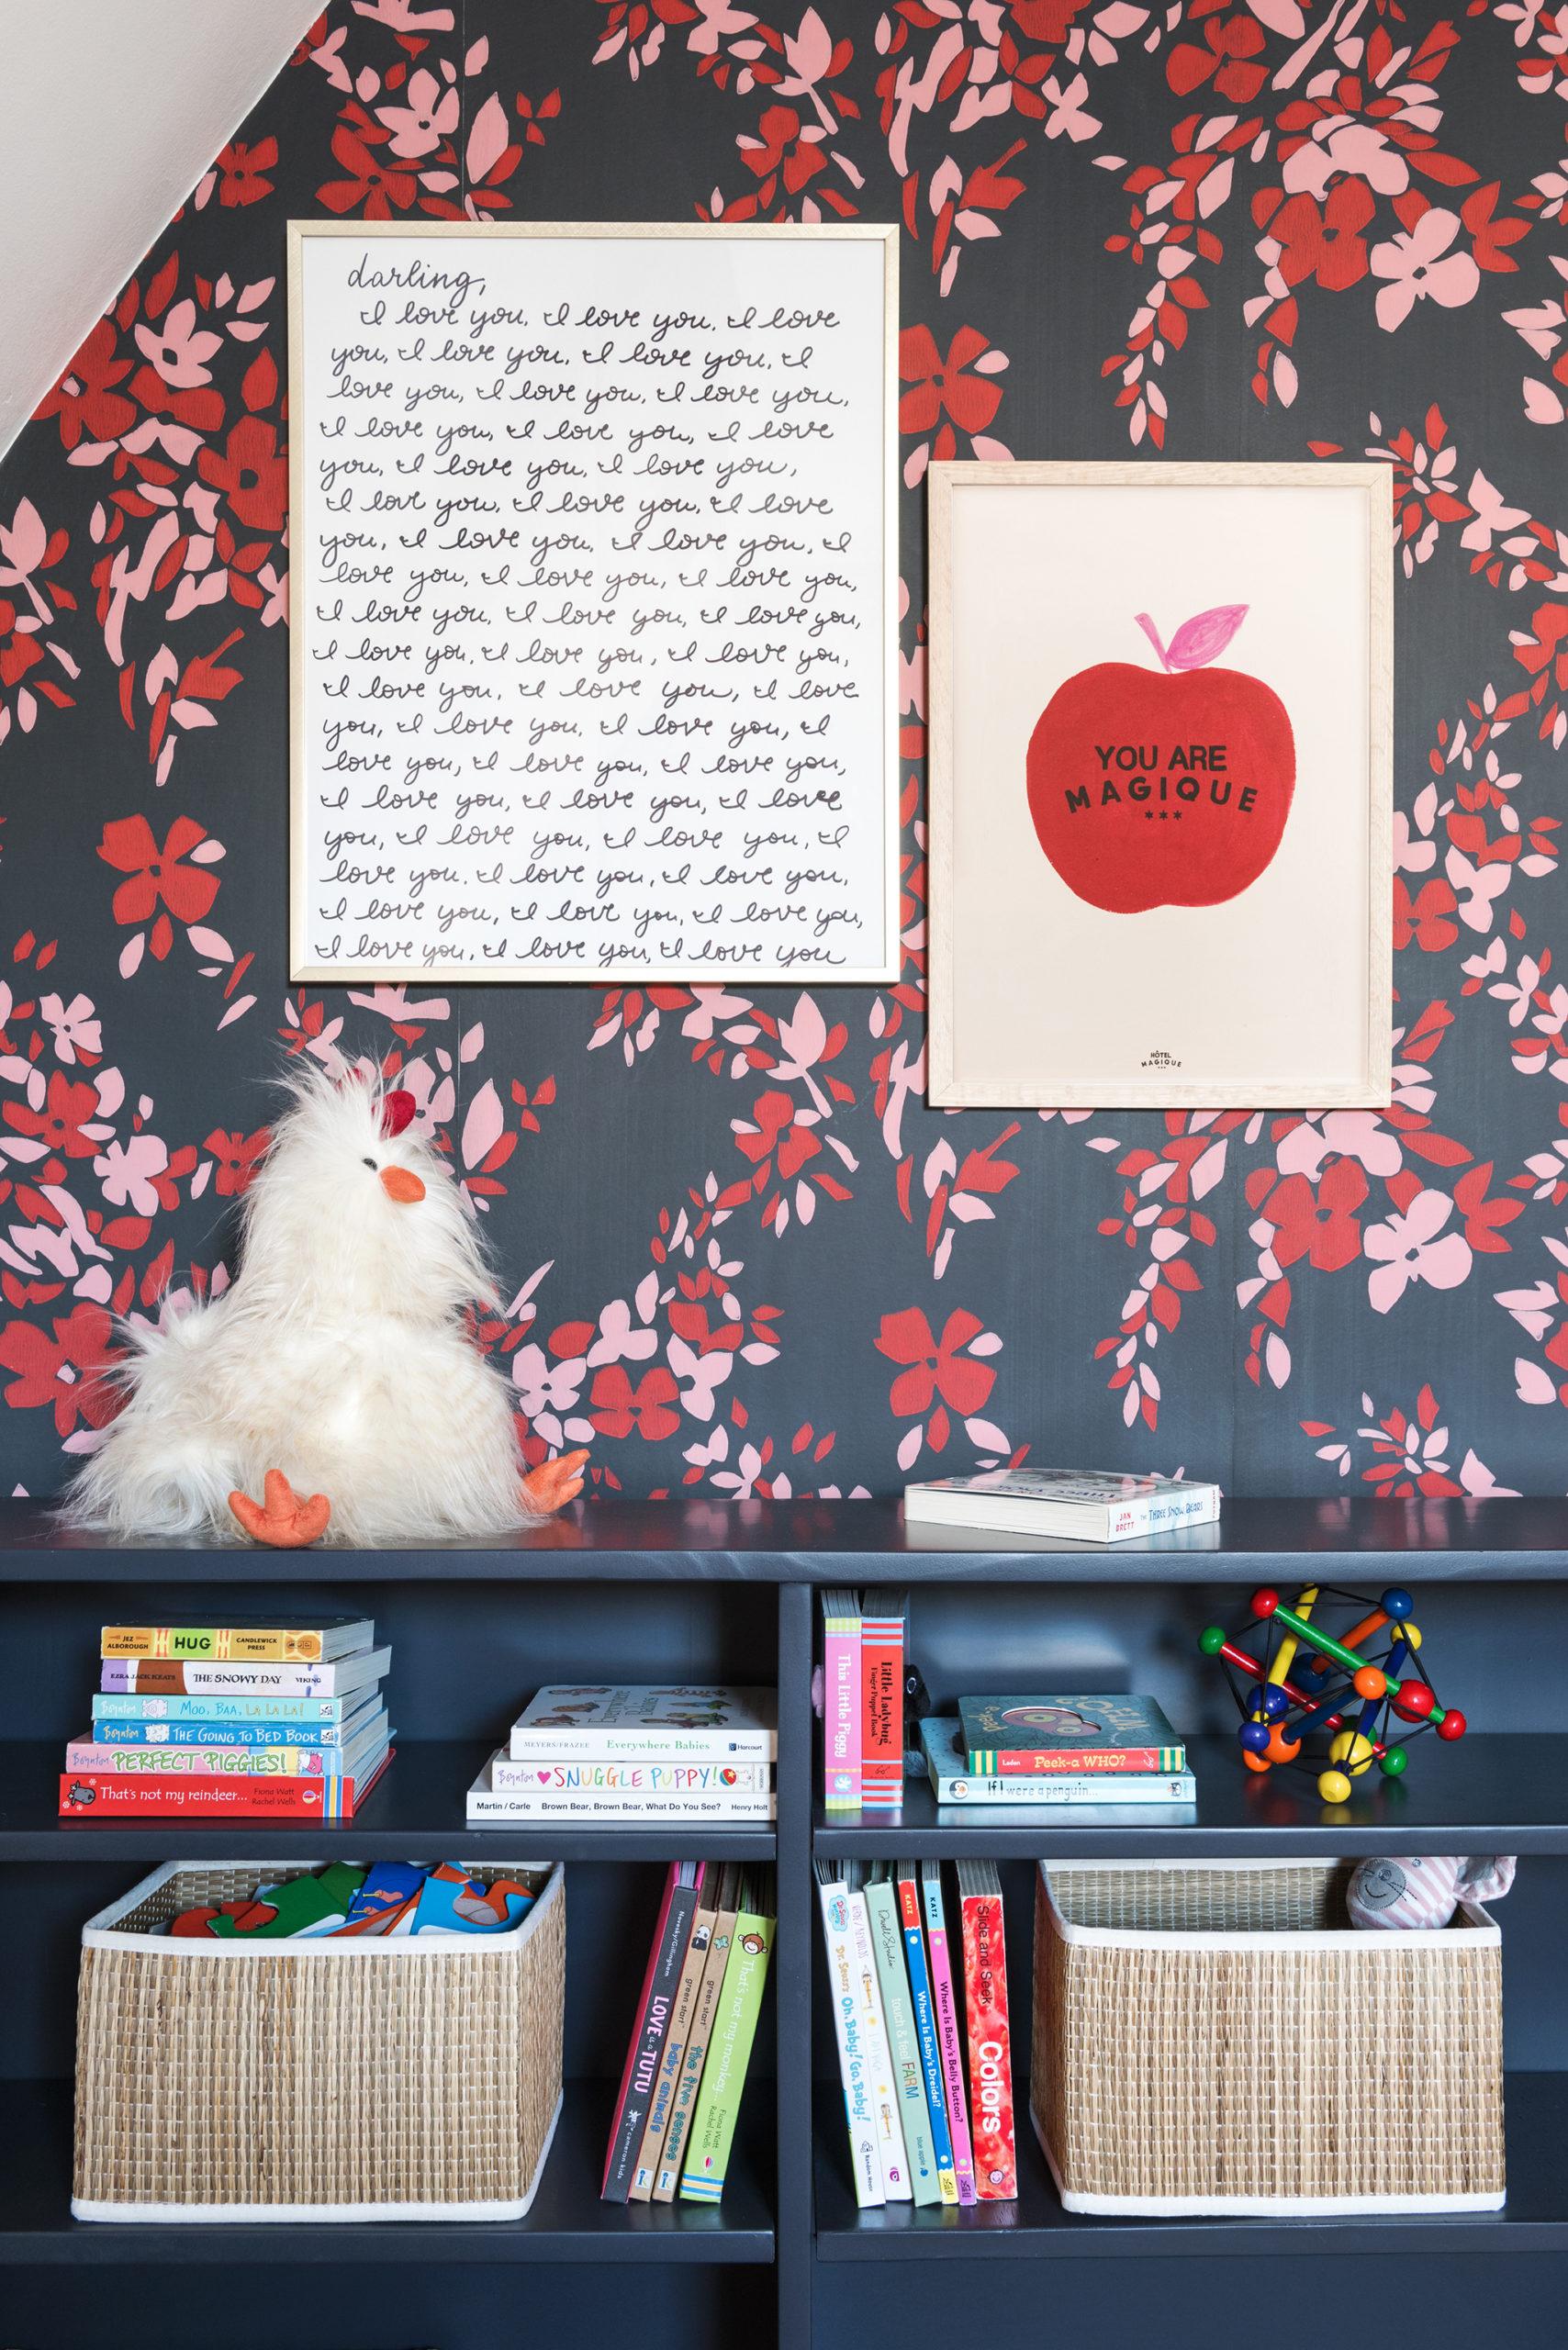 Dark Floral Wallpaper and Art Prints in Nursery